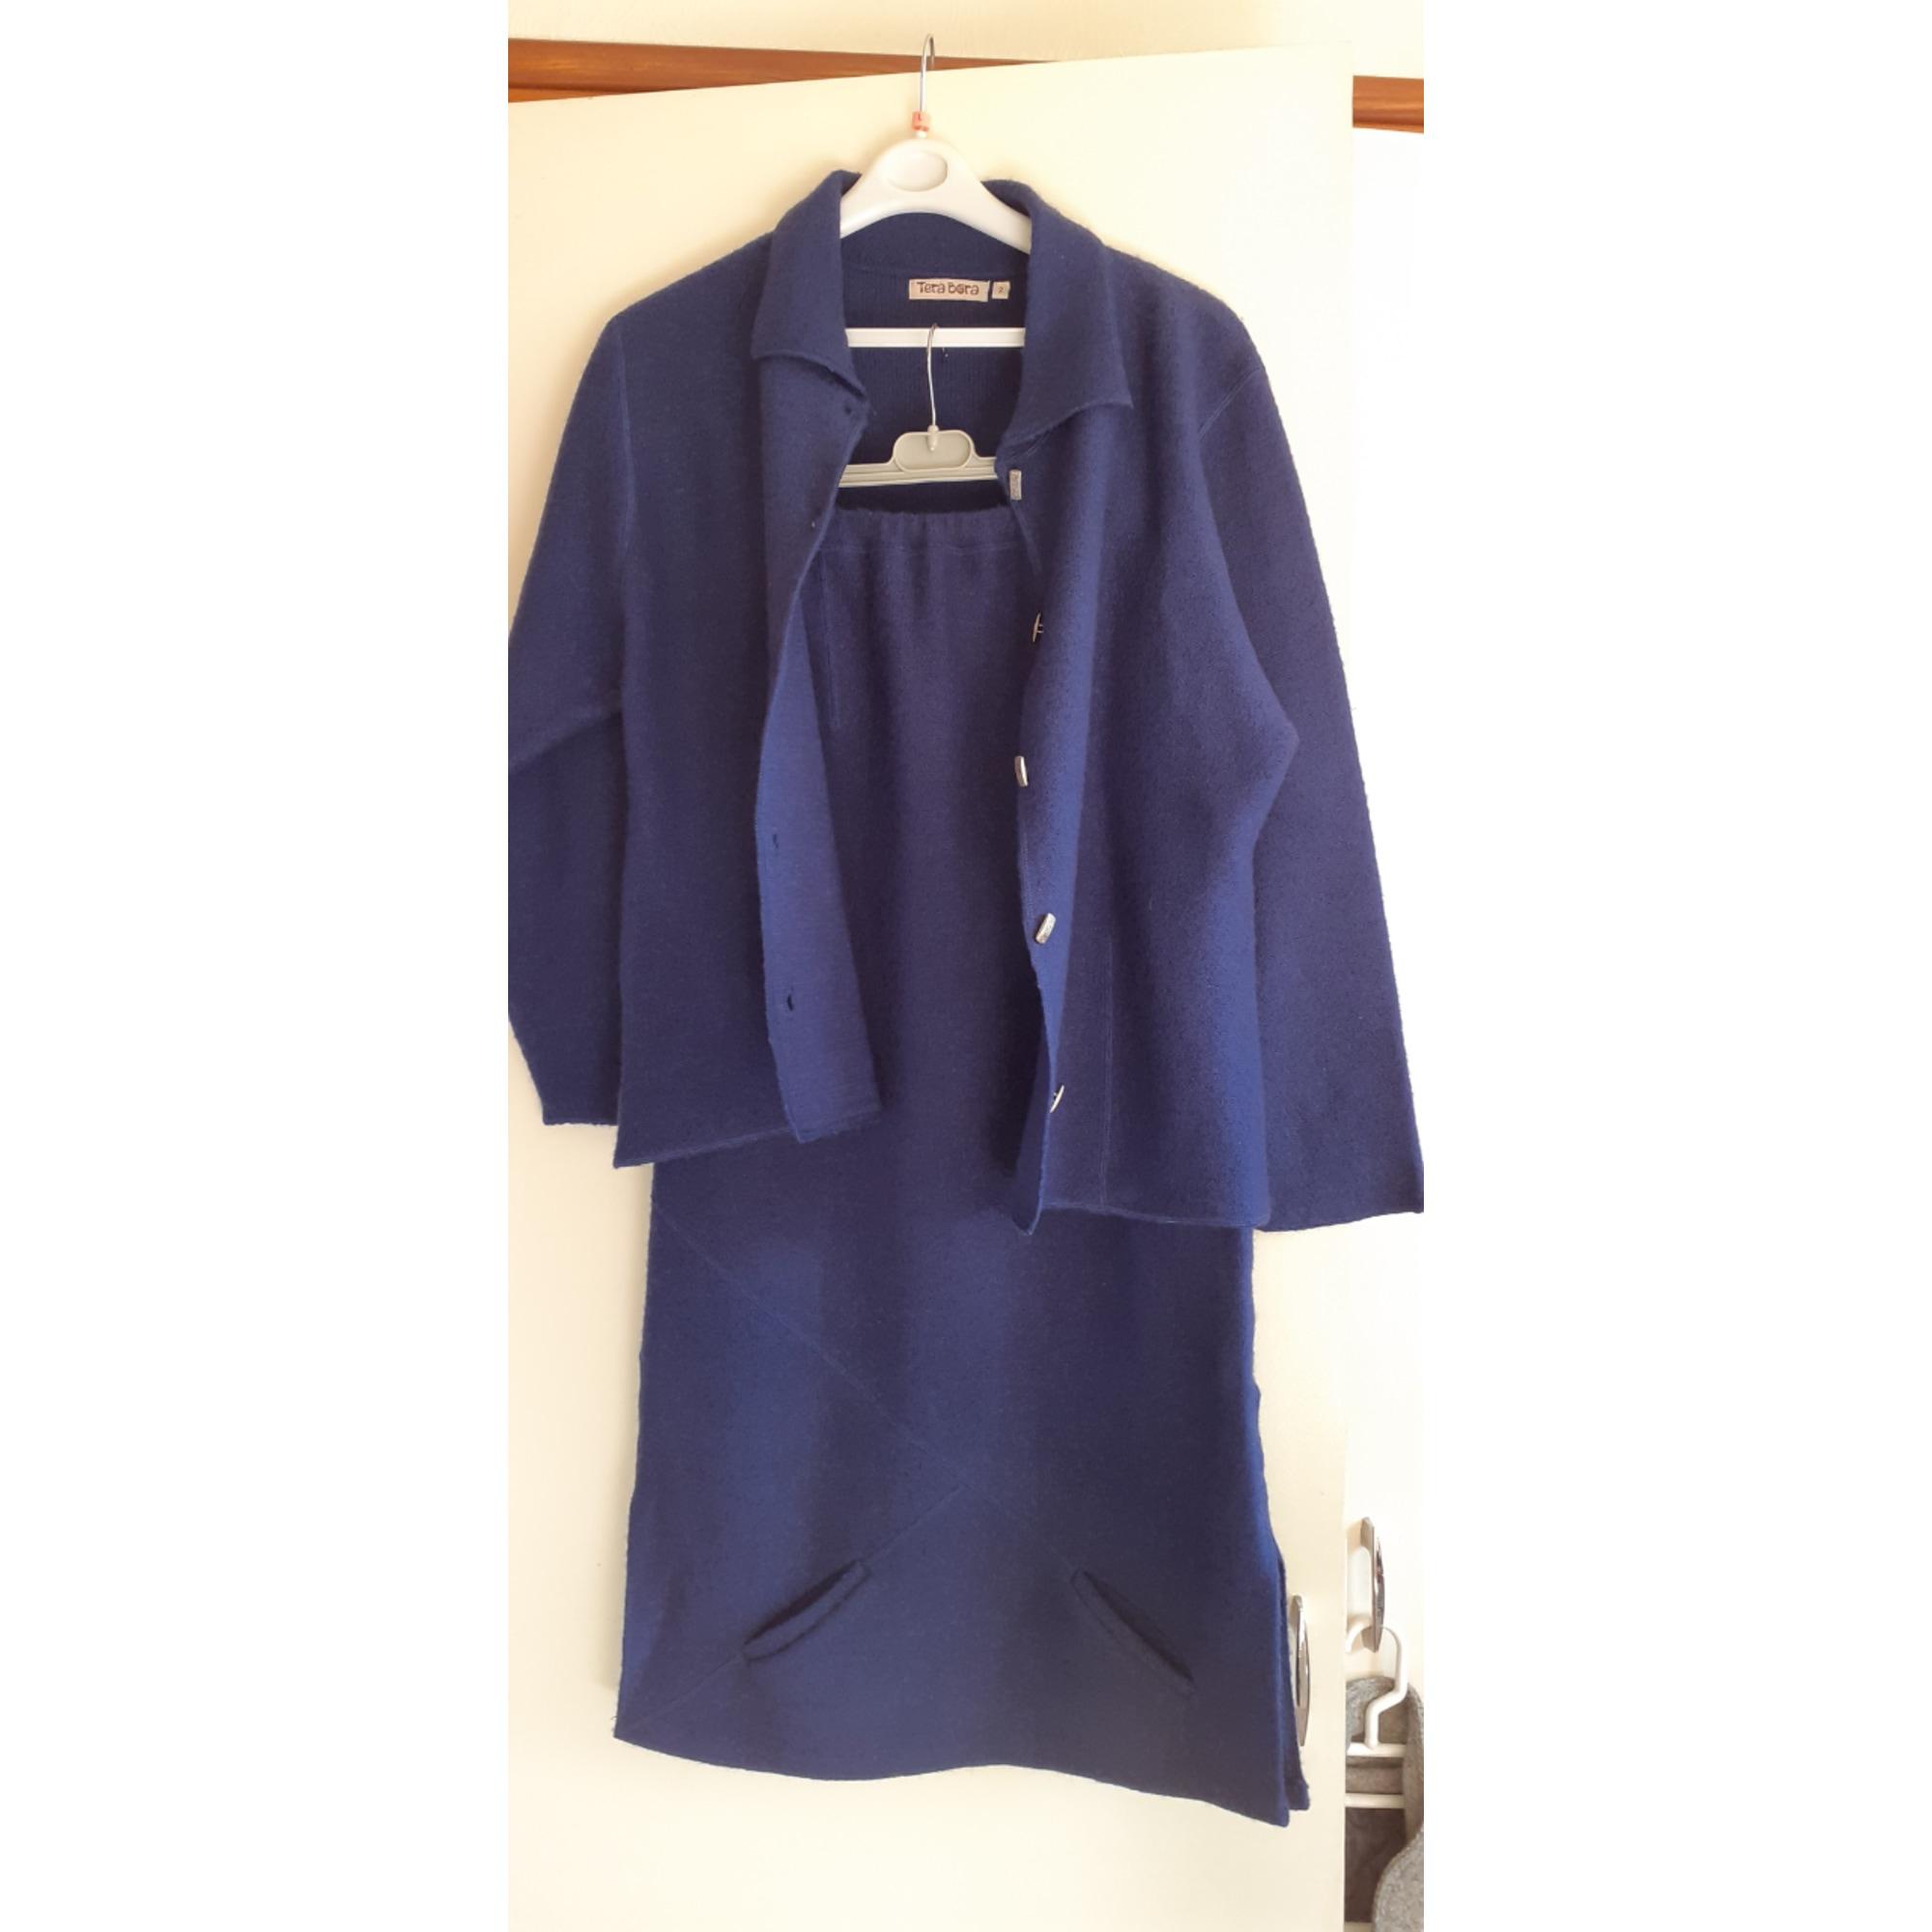 Gilet, cardigan TERA BORA Bleu, bleu marine, bleu turquoise